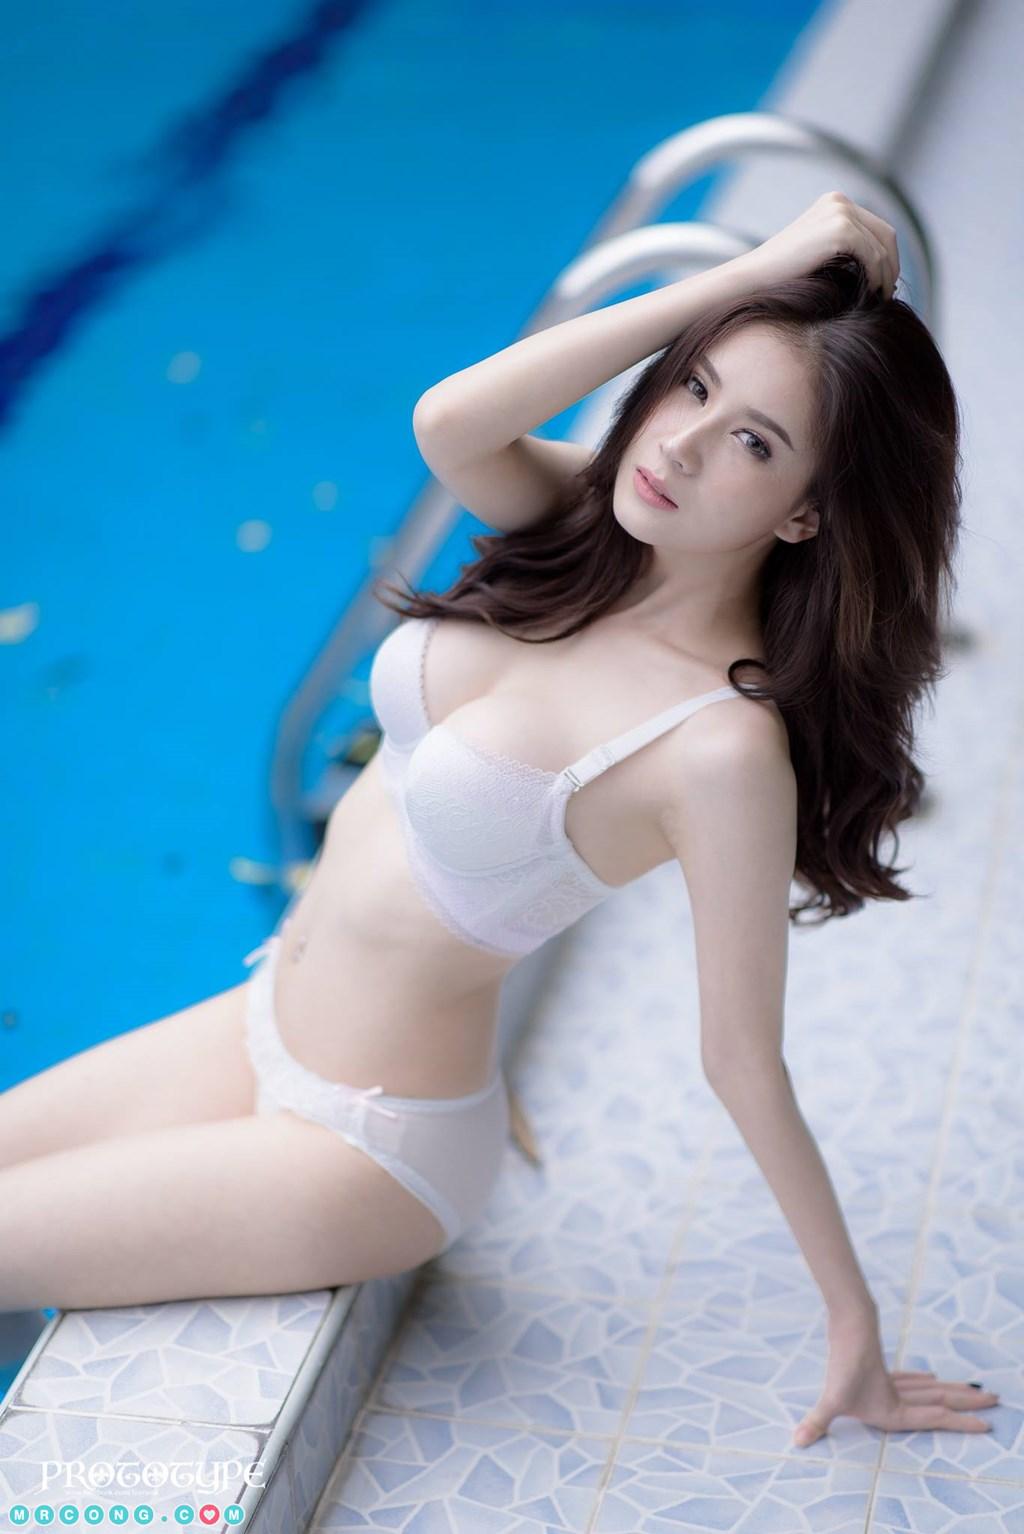 Nude Thailand Women